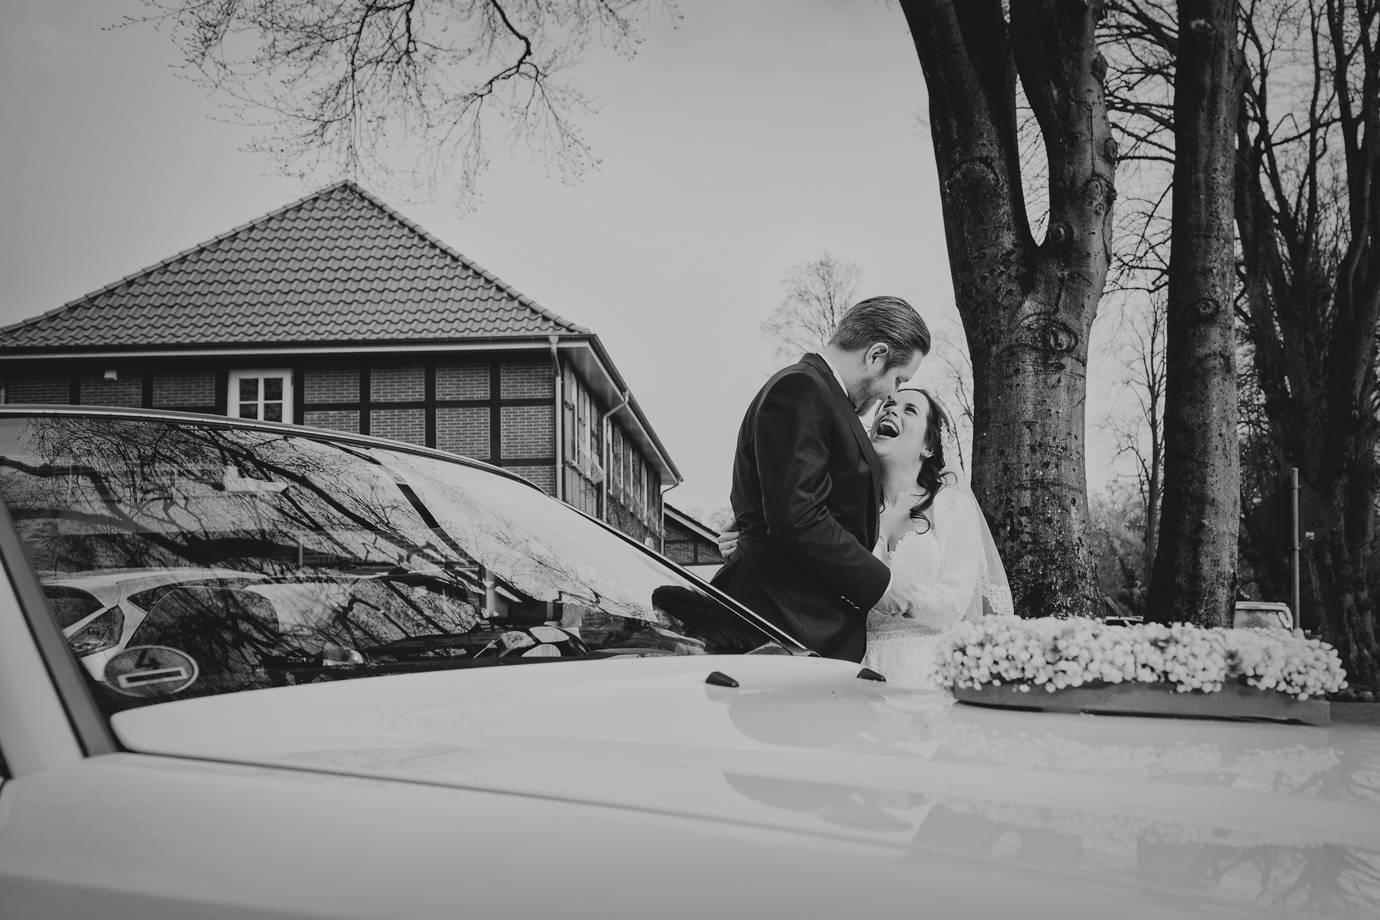 hochzeitsfotograf wildeshausen 156 - Kerstin+Henning